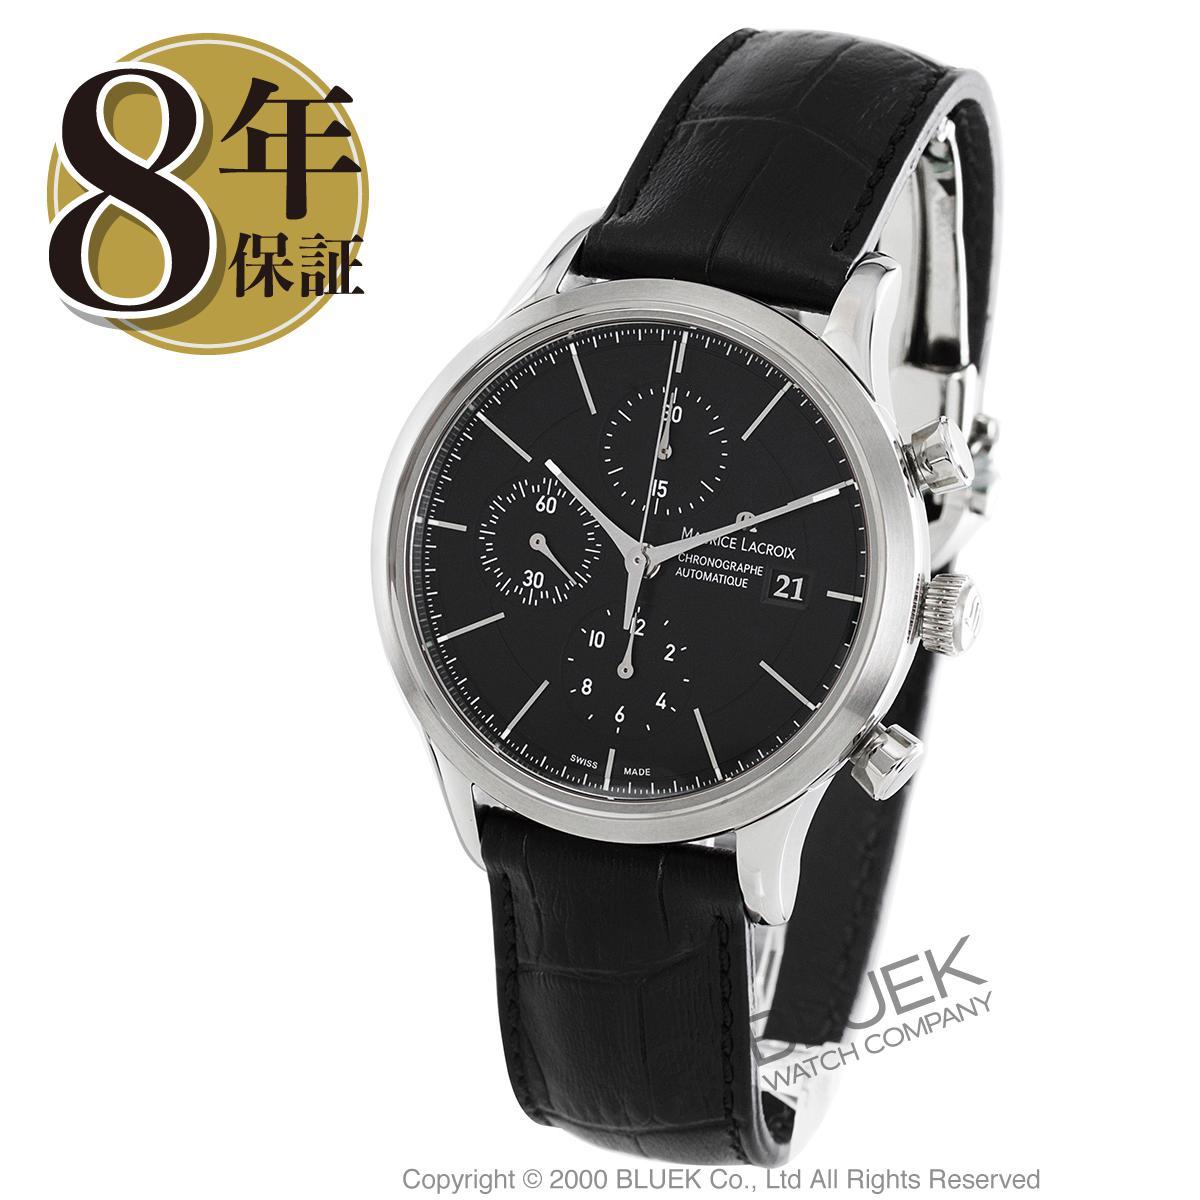 【最大3万円割引クーポン 11/01~】モーリス・ラクロア レ・クラシック クロノグラフ 腕時計 メンズ MAURICE LACROIX LC6058-SS001-330_8